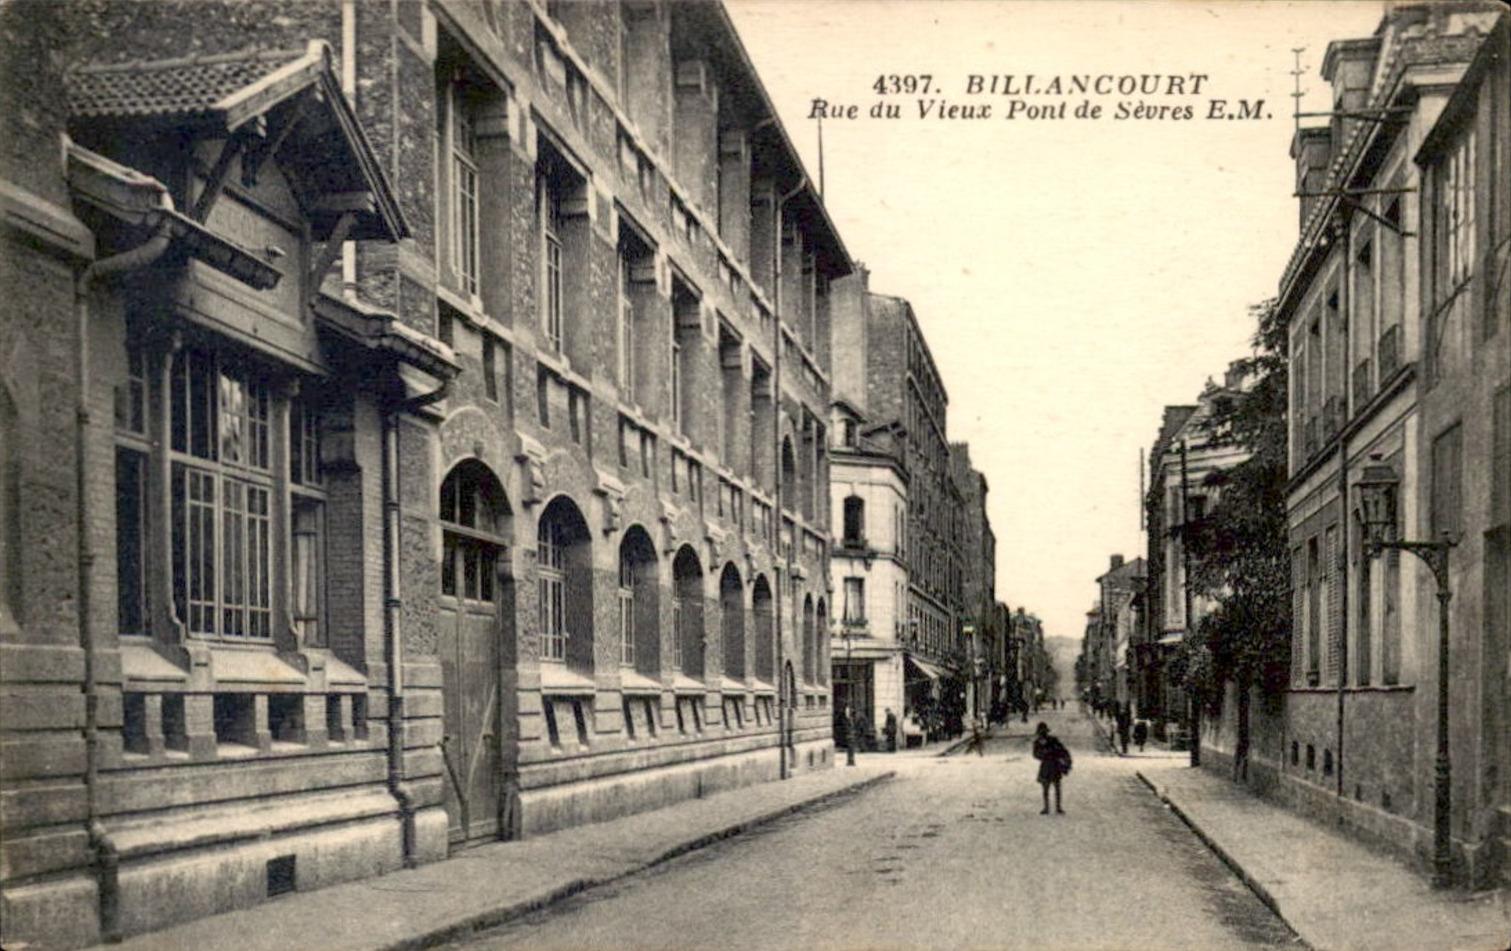 Ecole Thiers depuis la rue du vieux pont de Sèvres